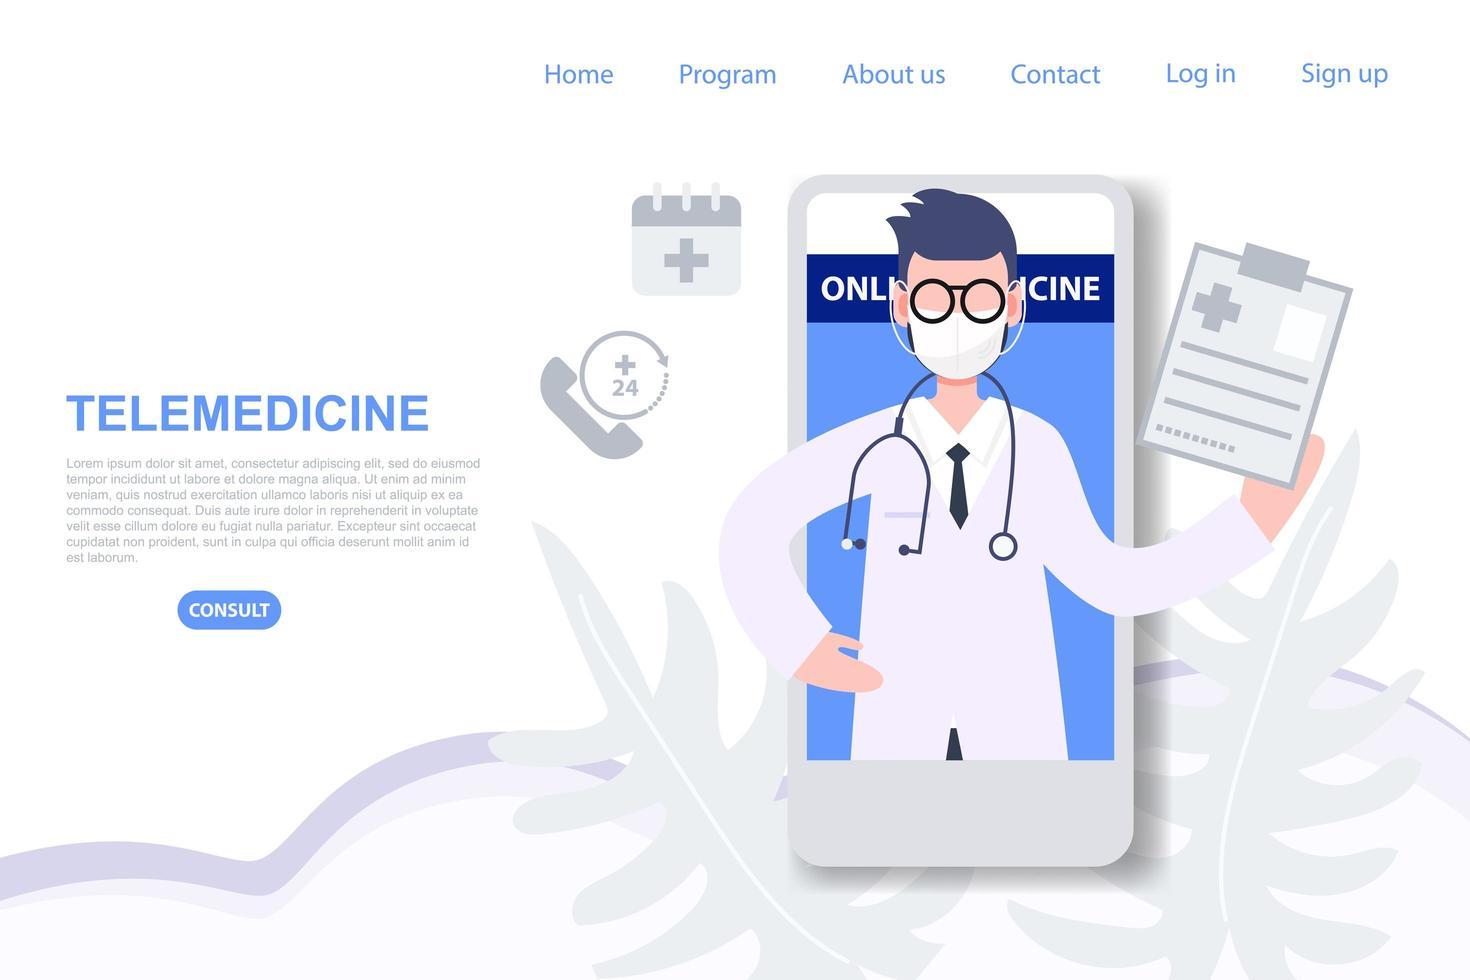 médico consultor na página inicial do telefone móvel vetor